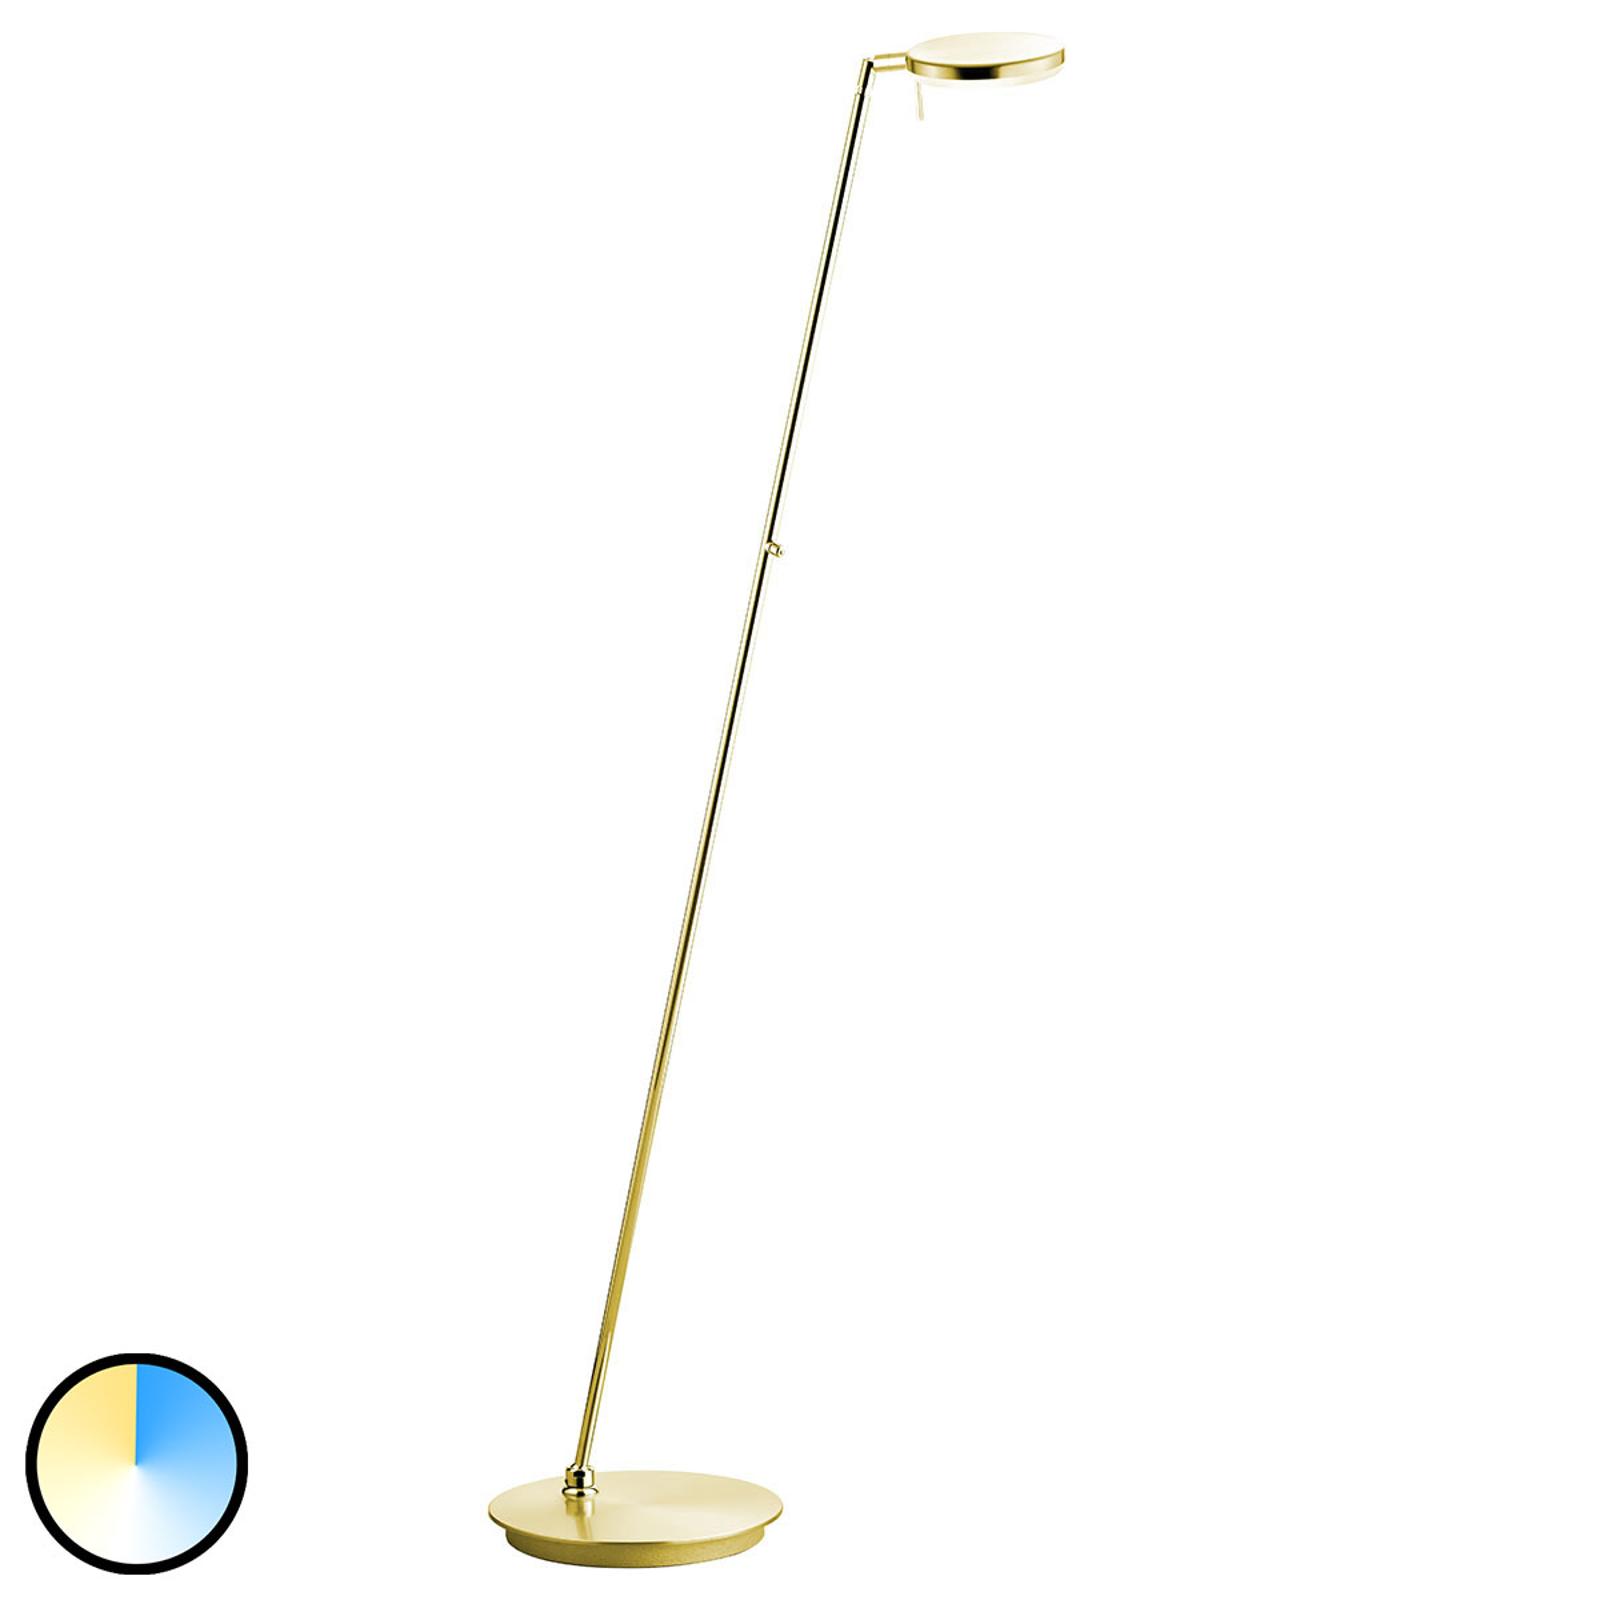 B-Leuchten Omega Stehlampe CCT-Technik, messing